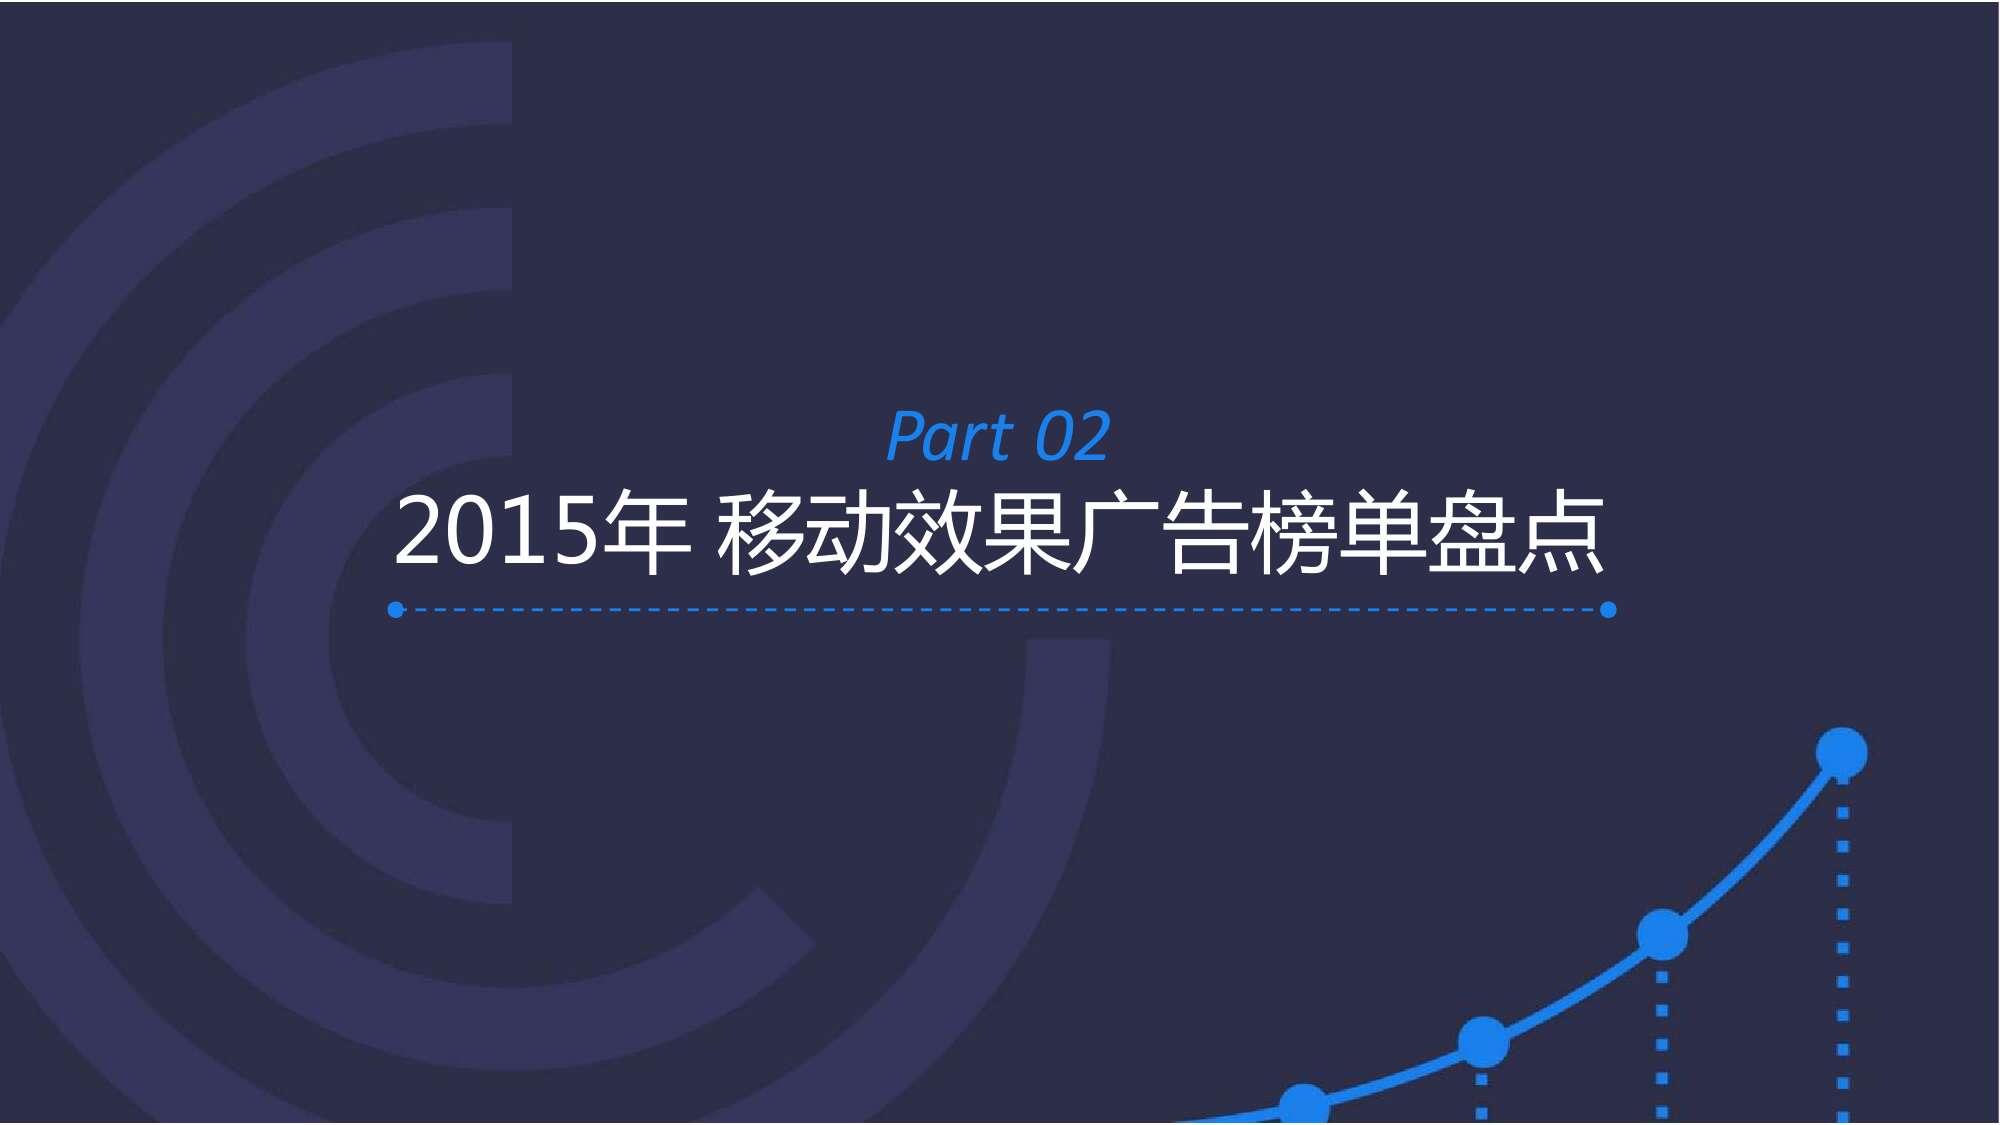 2015年移动广告行业报告_000030